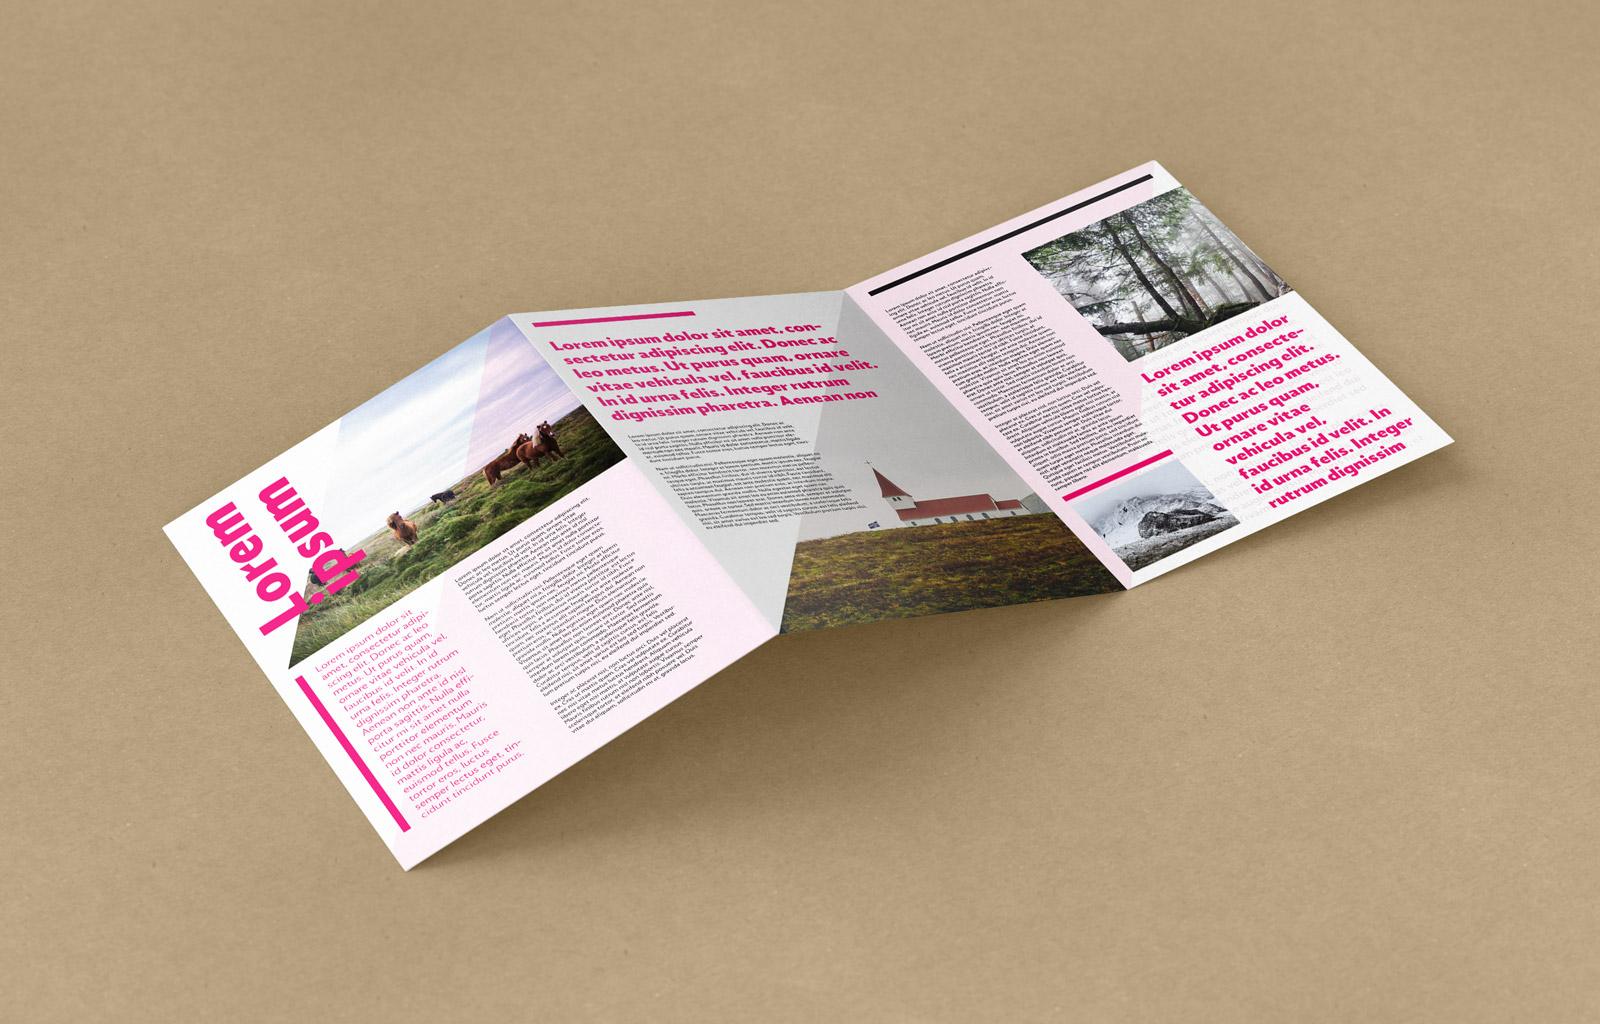 free tri-fold a4 brochure mockup psd